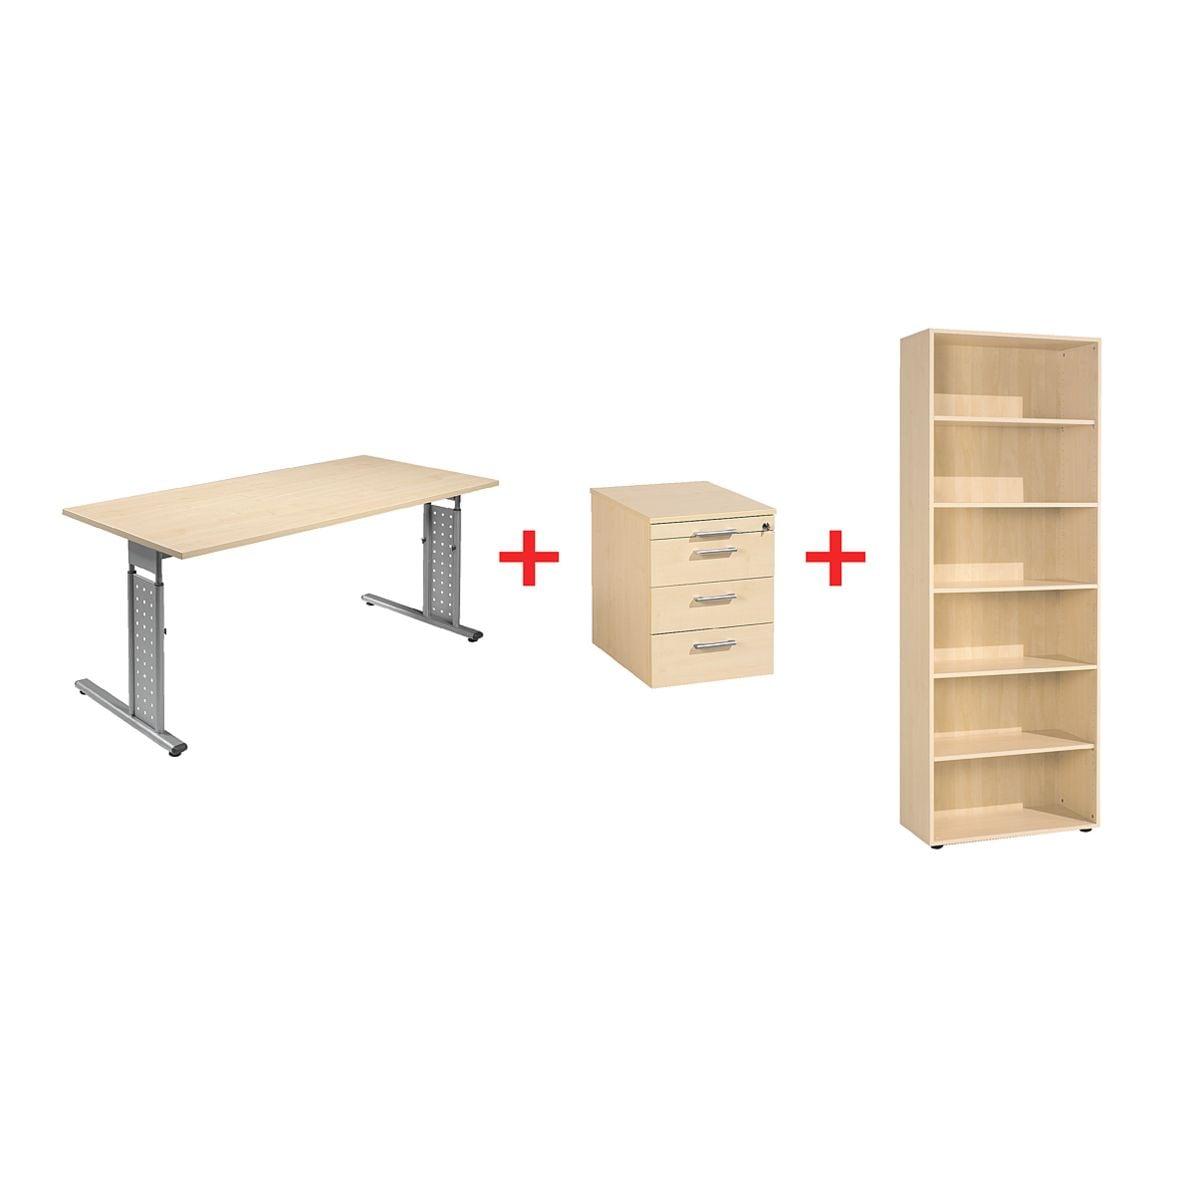 m bel set new york 3 teilig schreibtisch mit c fu rollcontainer und regal bei otto office. Black Bedroom Furniture Sets. Home Design Ideas